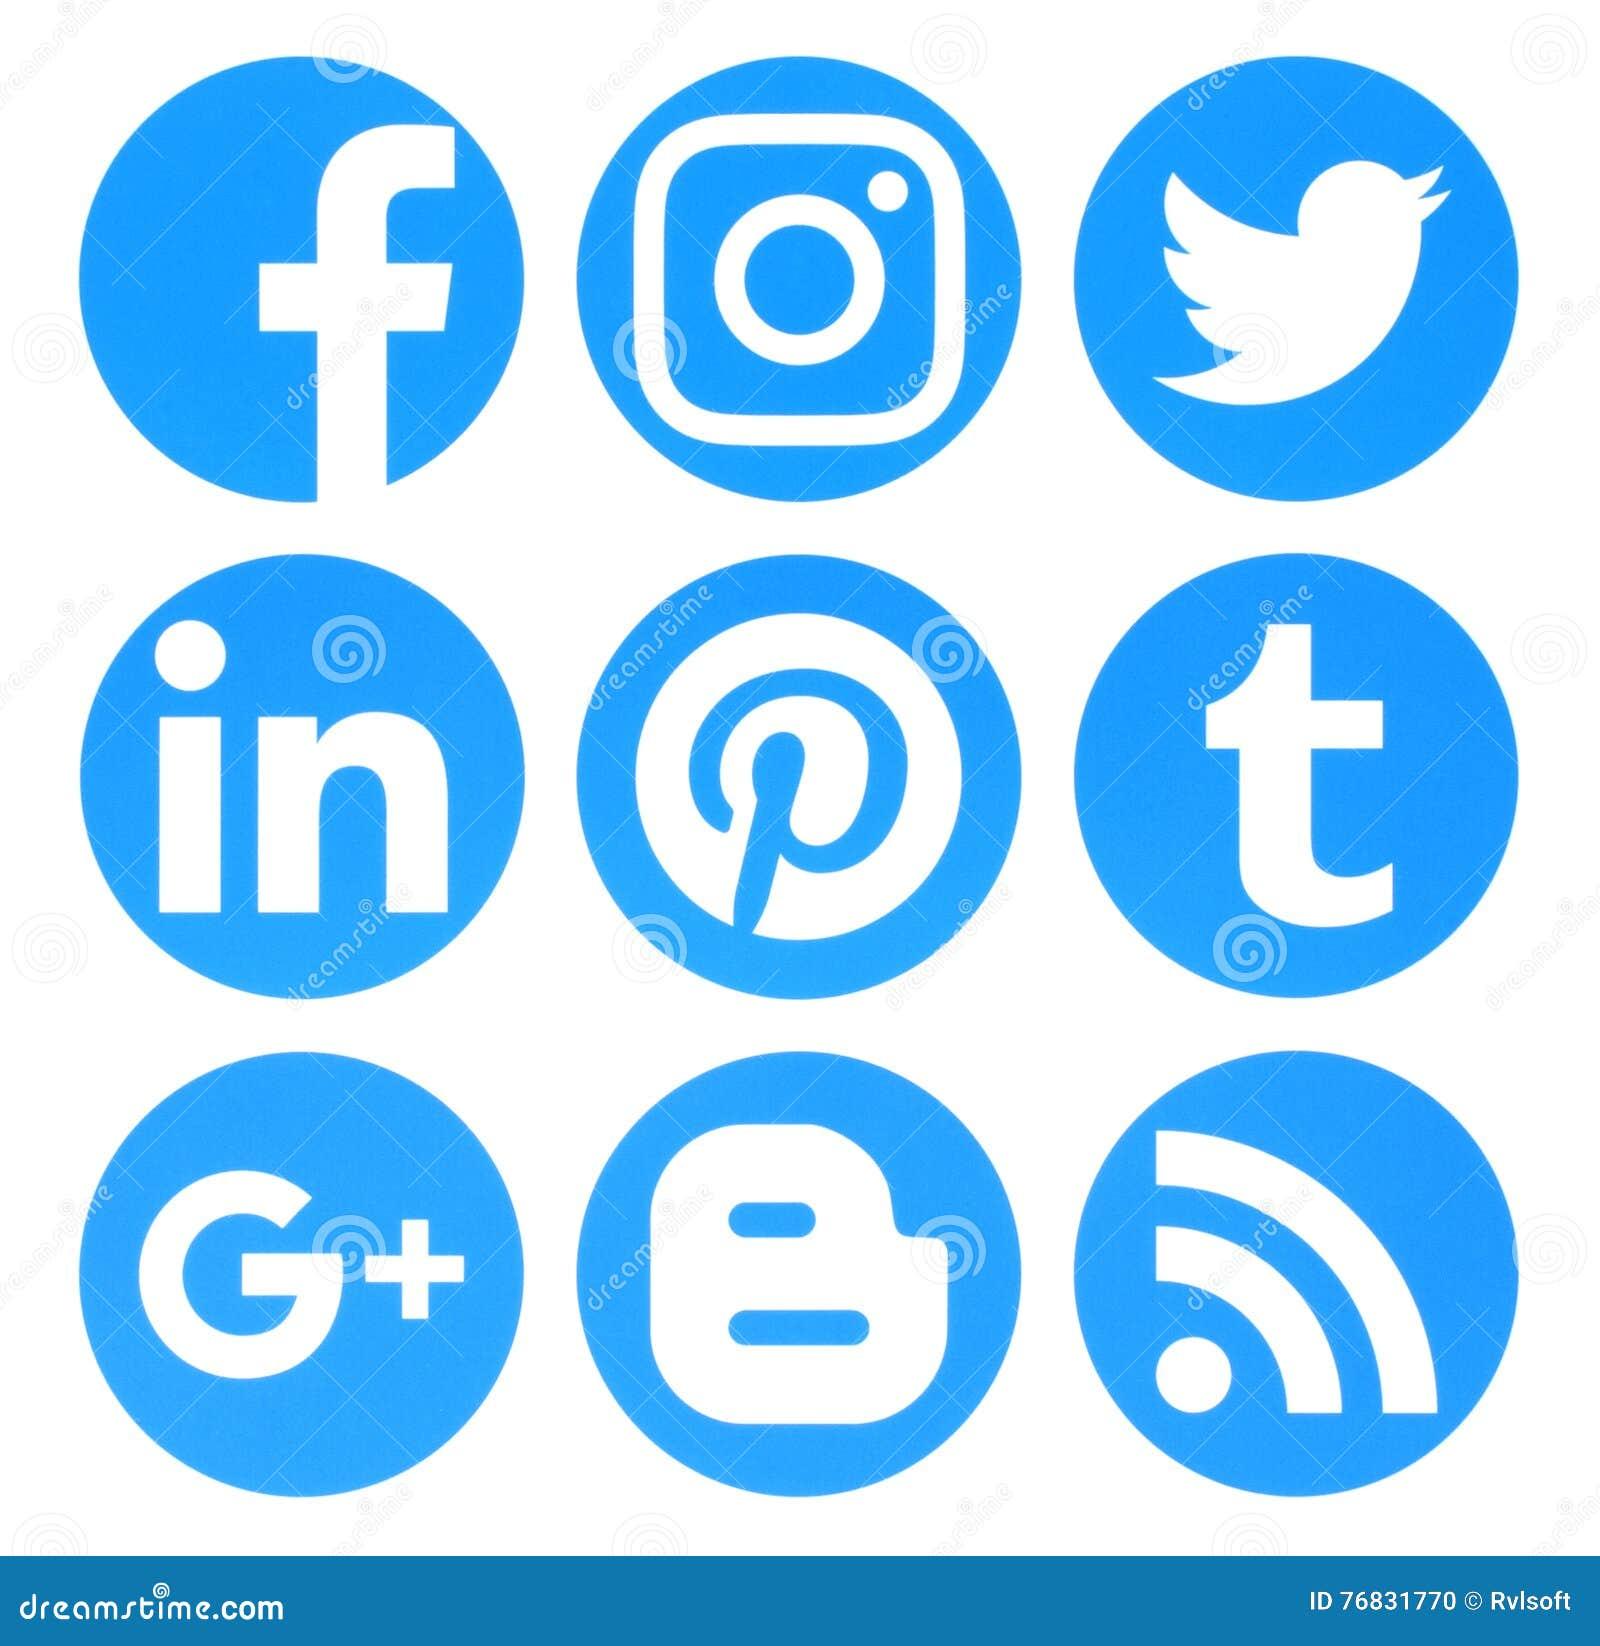 La colección logotipos sociales azules del círculo popular de medios imprimió encendido